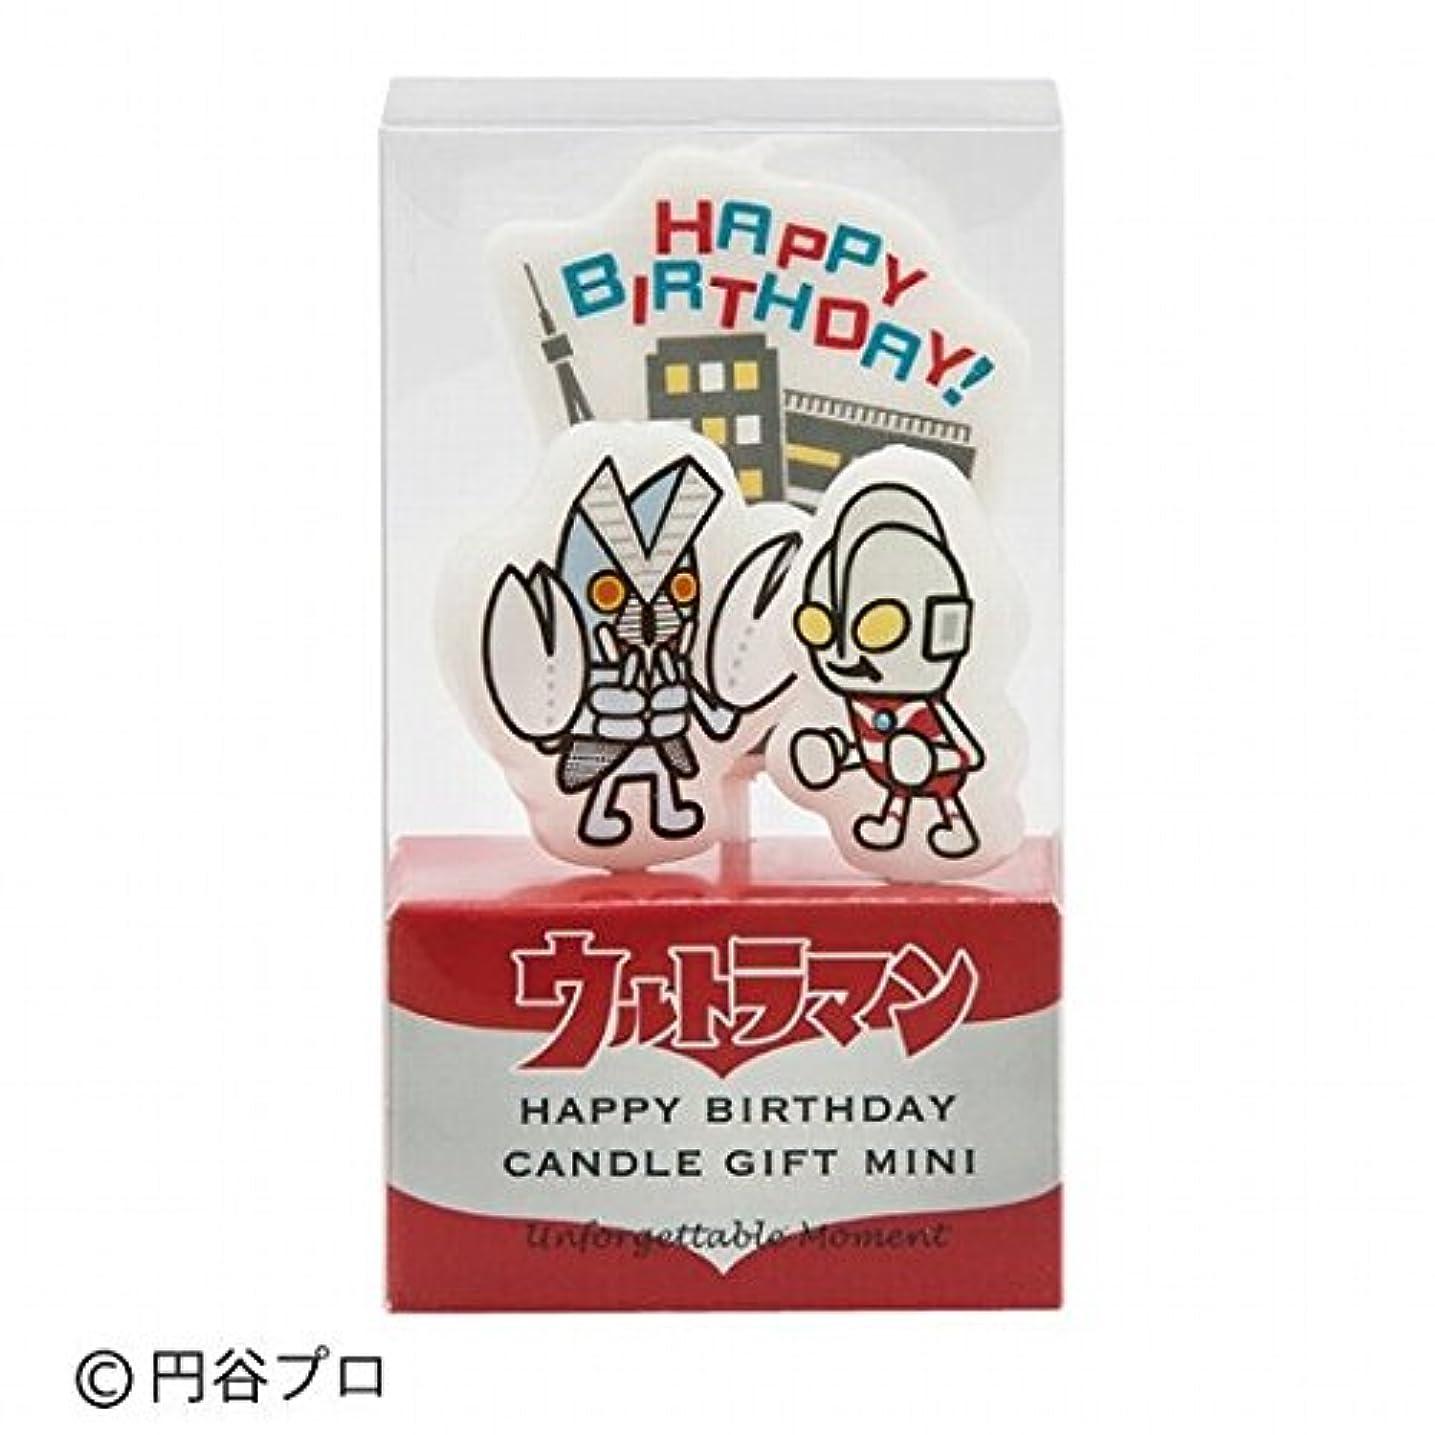 果てしない水没夜明けにカメヤマキャンドル(kameyama candle) ウルトラマンキャンドルギフトミニ 「 ハッピーバースデー 」